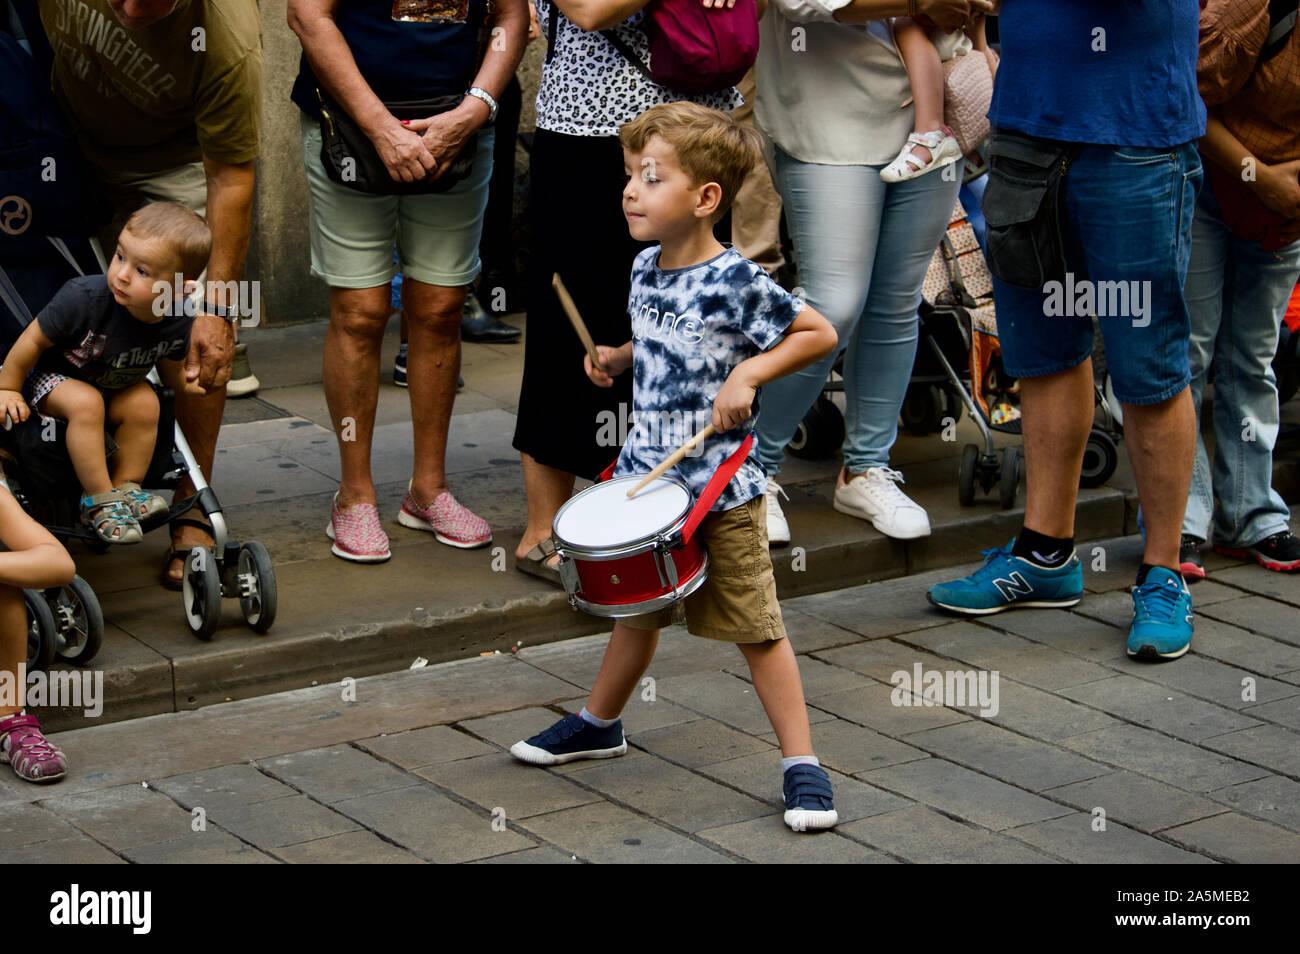 Un garçon jouant un tambour au défilé des géants lors de la Merce 2019 Festival à Plaça de Sant Jaume de Barcelone, Espagne Banque D'Images